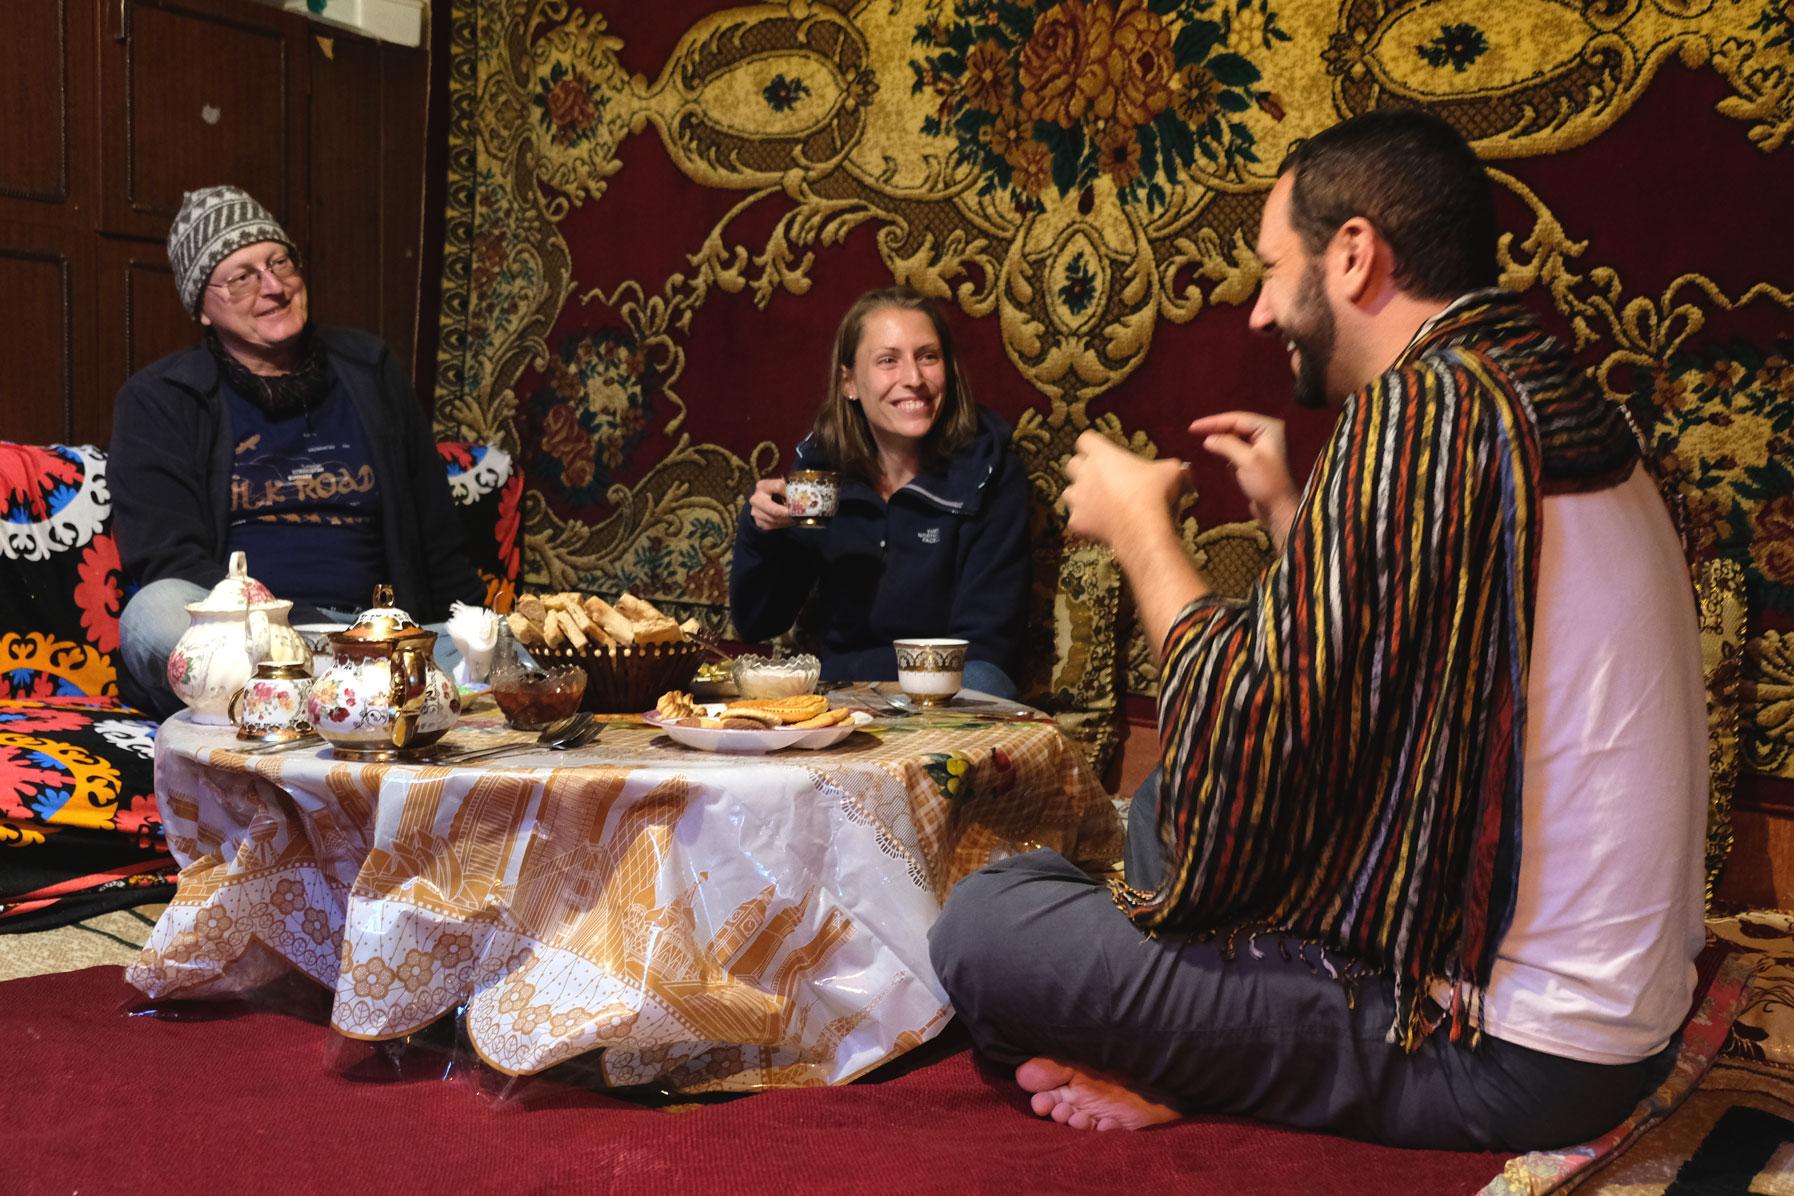 Beim gemütlichen Essen sitzt man auf dem Boden. Oft haben wir hier andere Reisende kennengelernt.